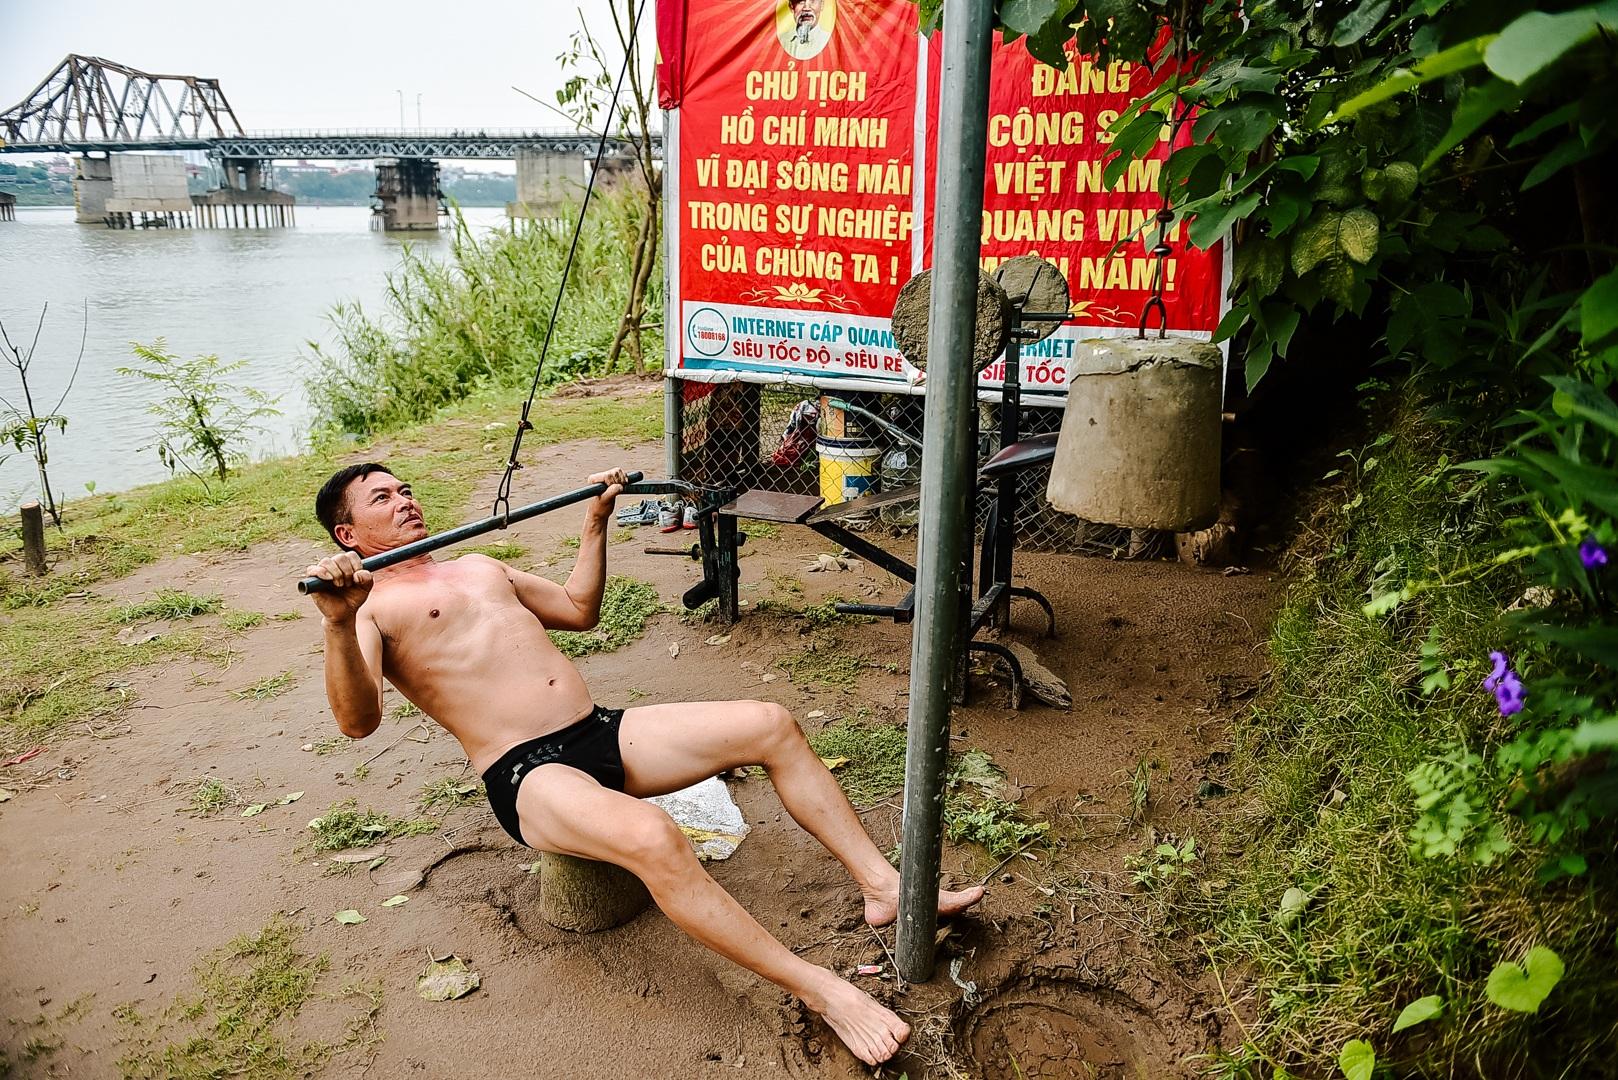 Thú vị sân tập thể hình tự chế miễn phí bên sông Hồng - 3